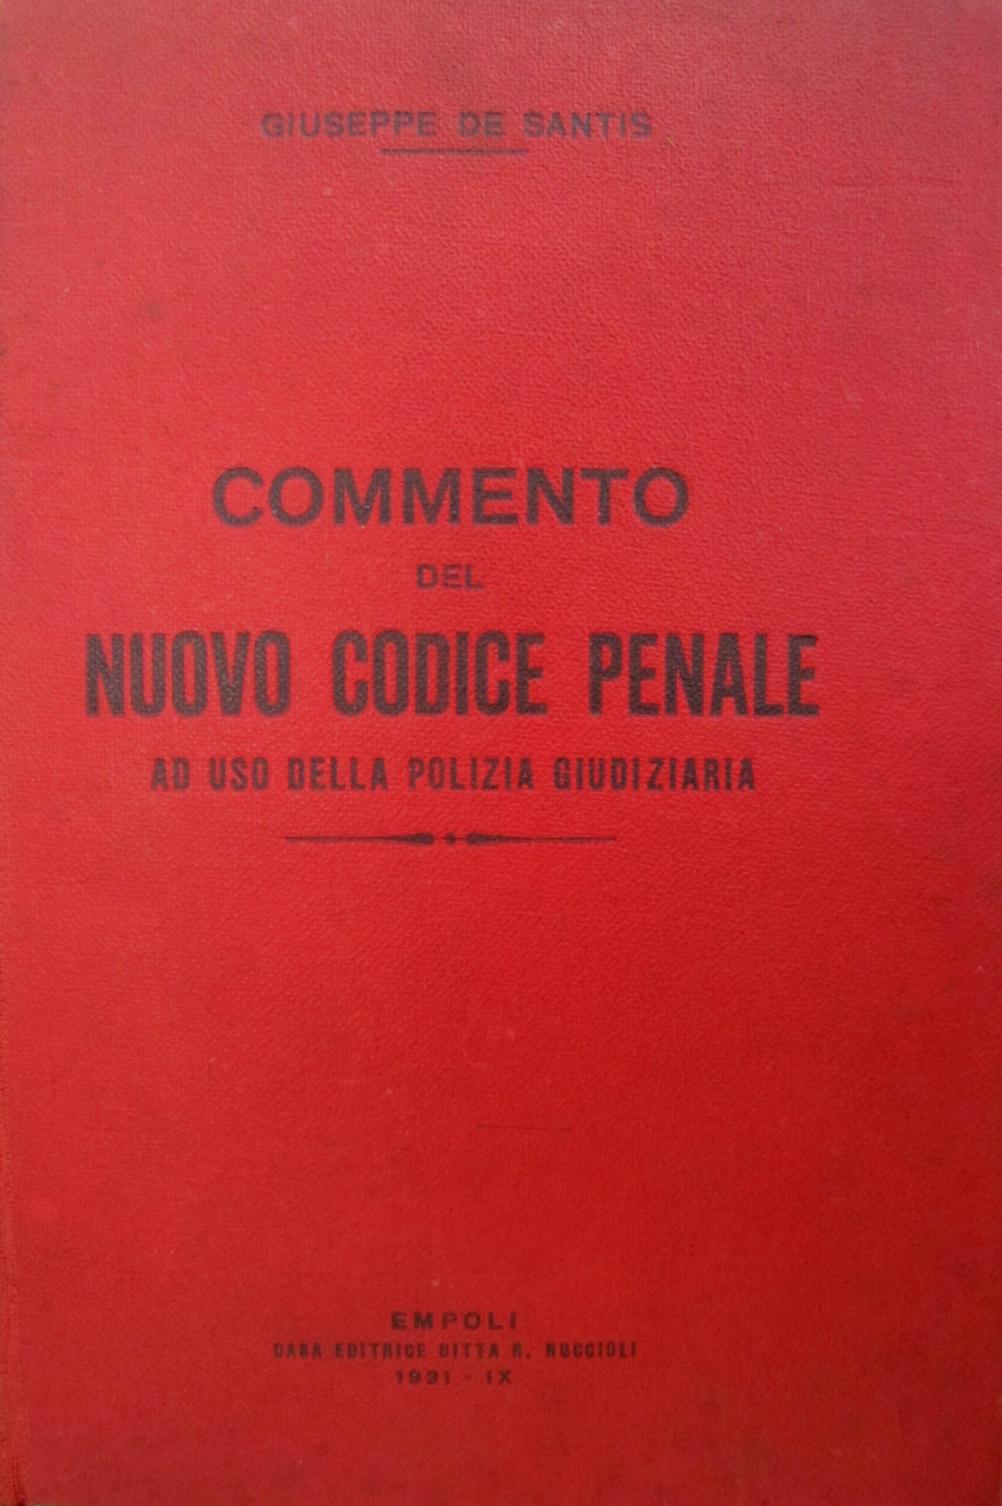 Commento del Nuovo Codice Penale